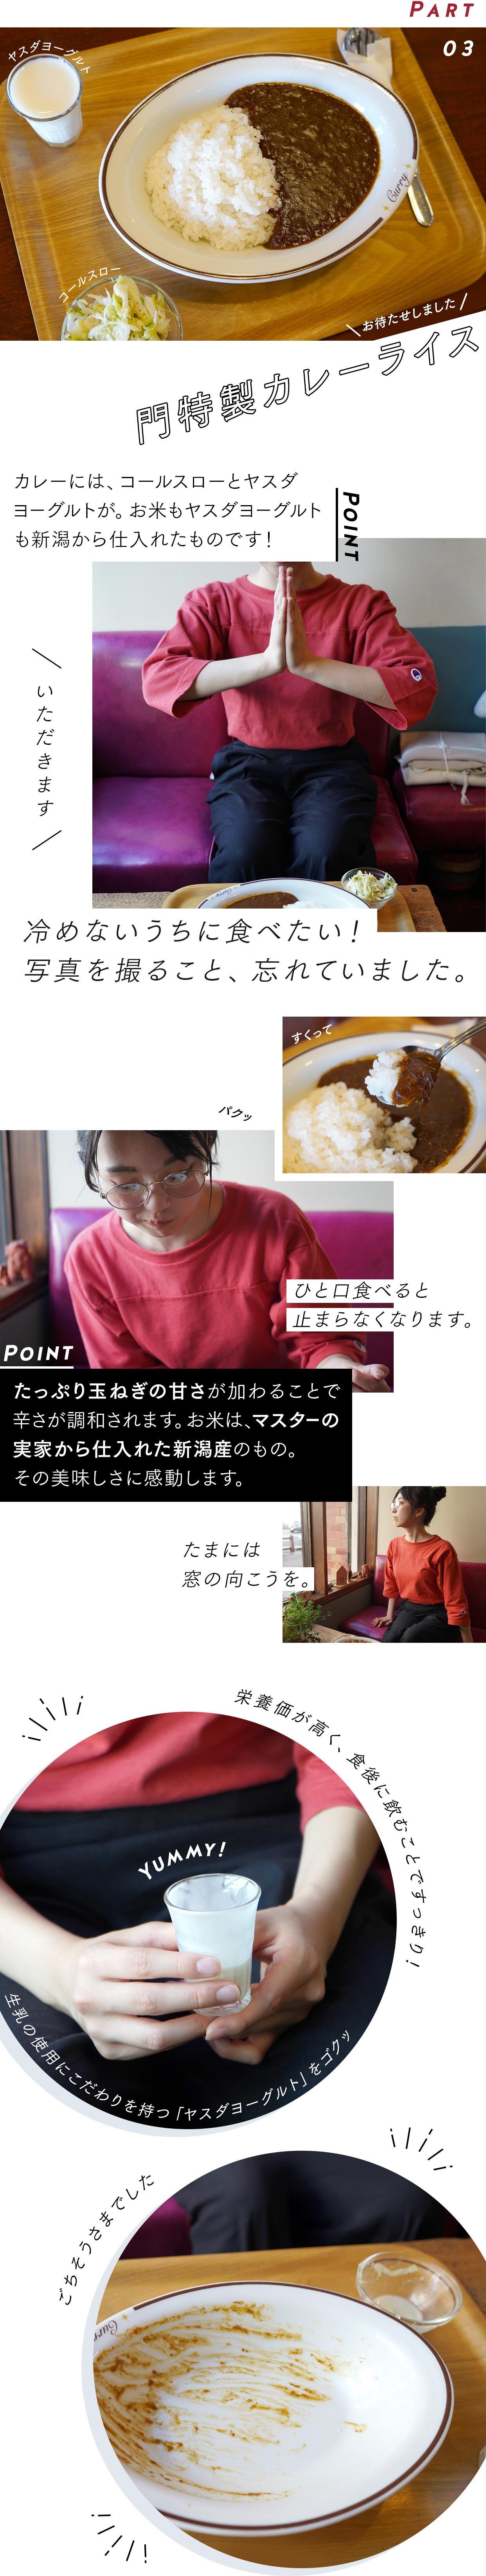 シンプルだからこそ、カレー本来の味わいが楽しめる。名古屋のカレーなら「珈琲 門」 - 9E38AC1B 2823 4C48 A8A2 7D1074BDBF13